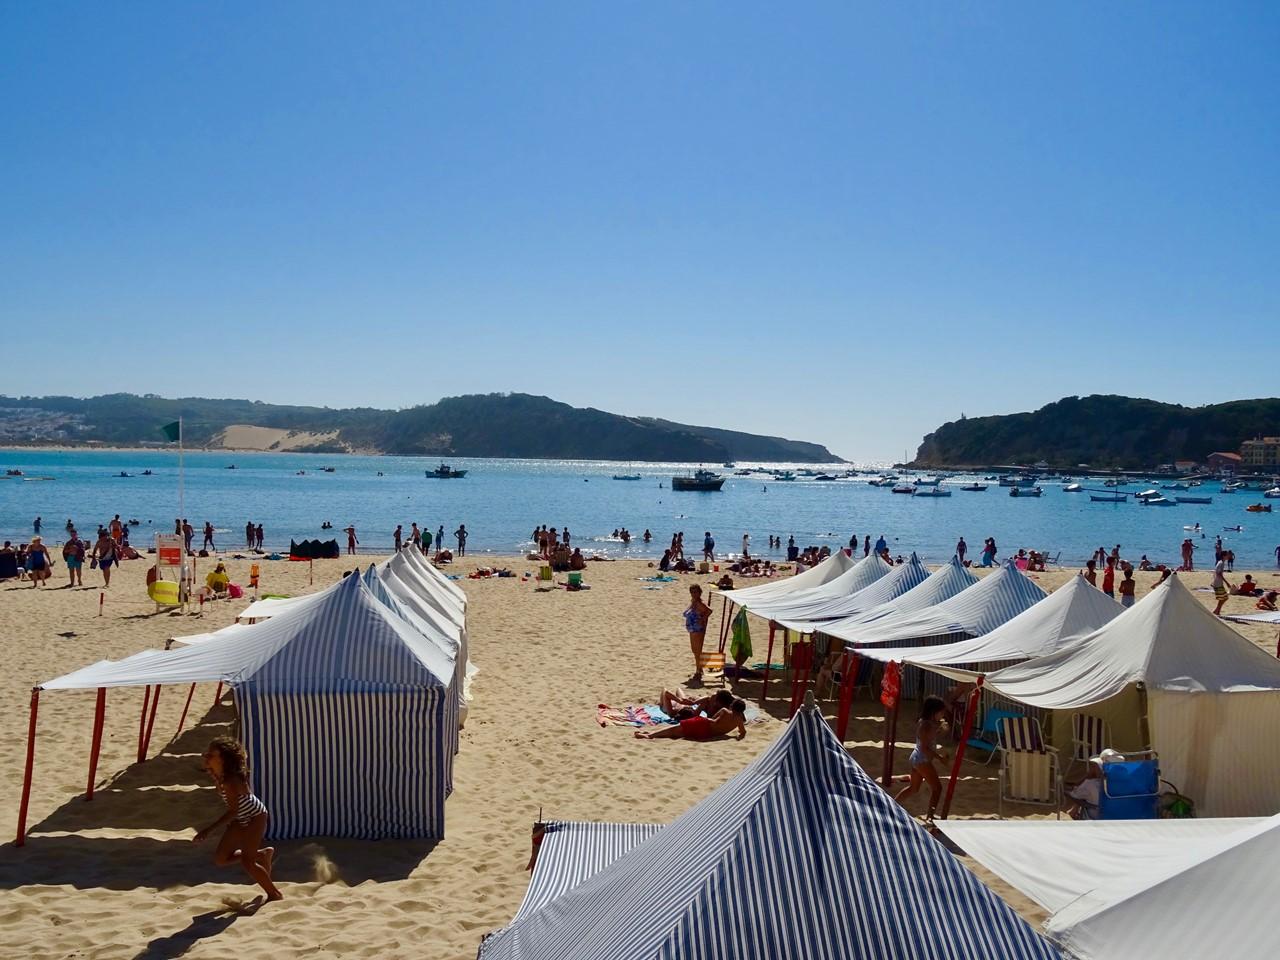 São Martinho beach cabins